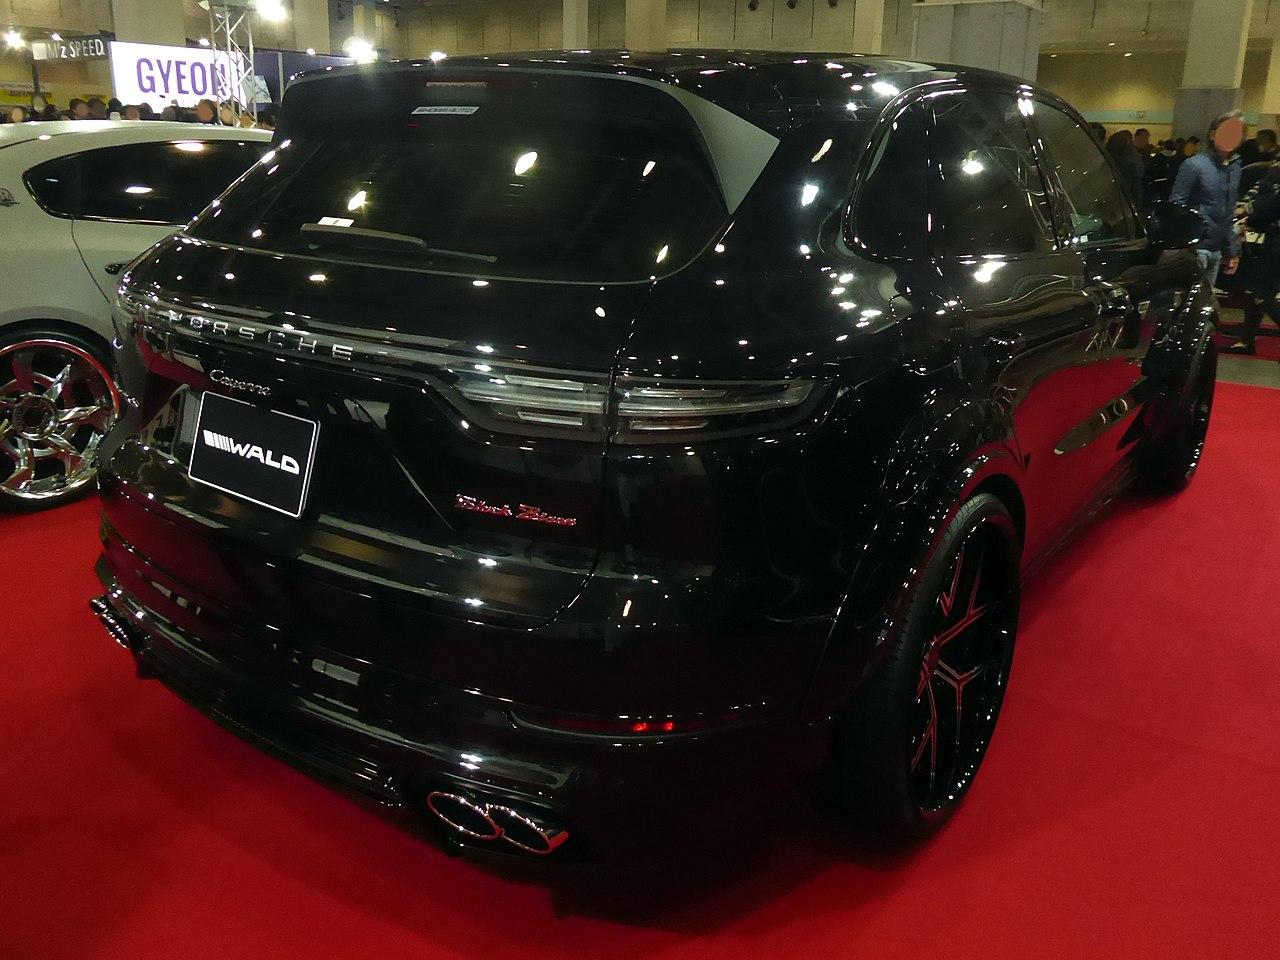 File Osaka Auto Messe 2019 677 Wald Sports Line Black Bison Edition Cayenne 9ya Jpg Wikimedia Commons